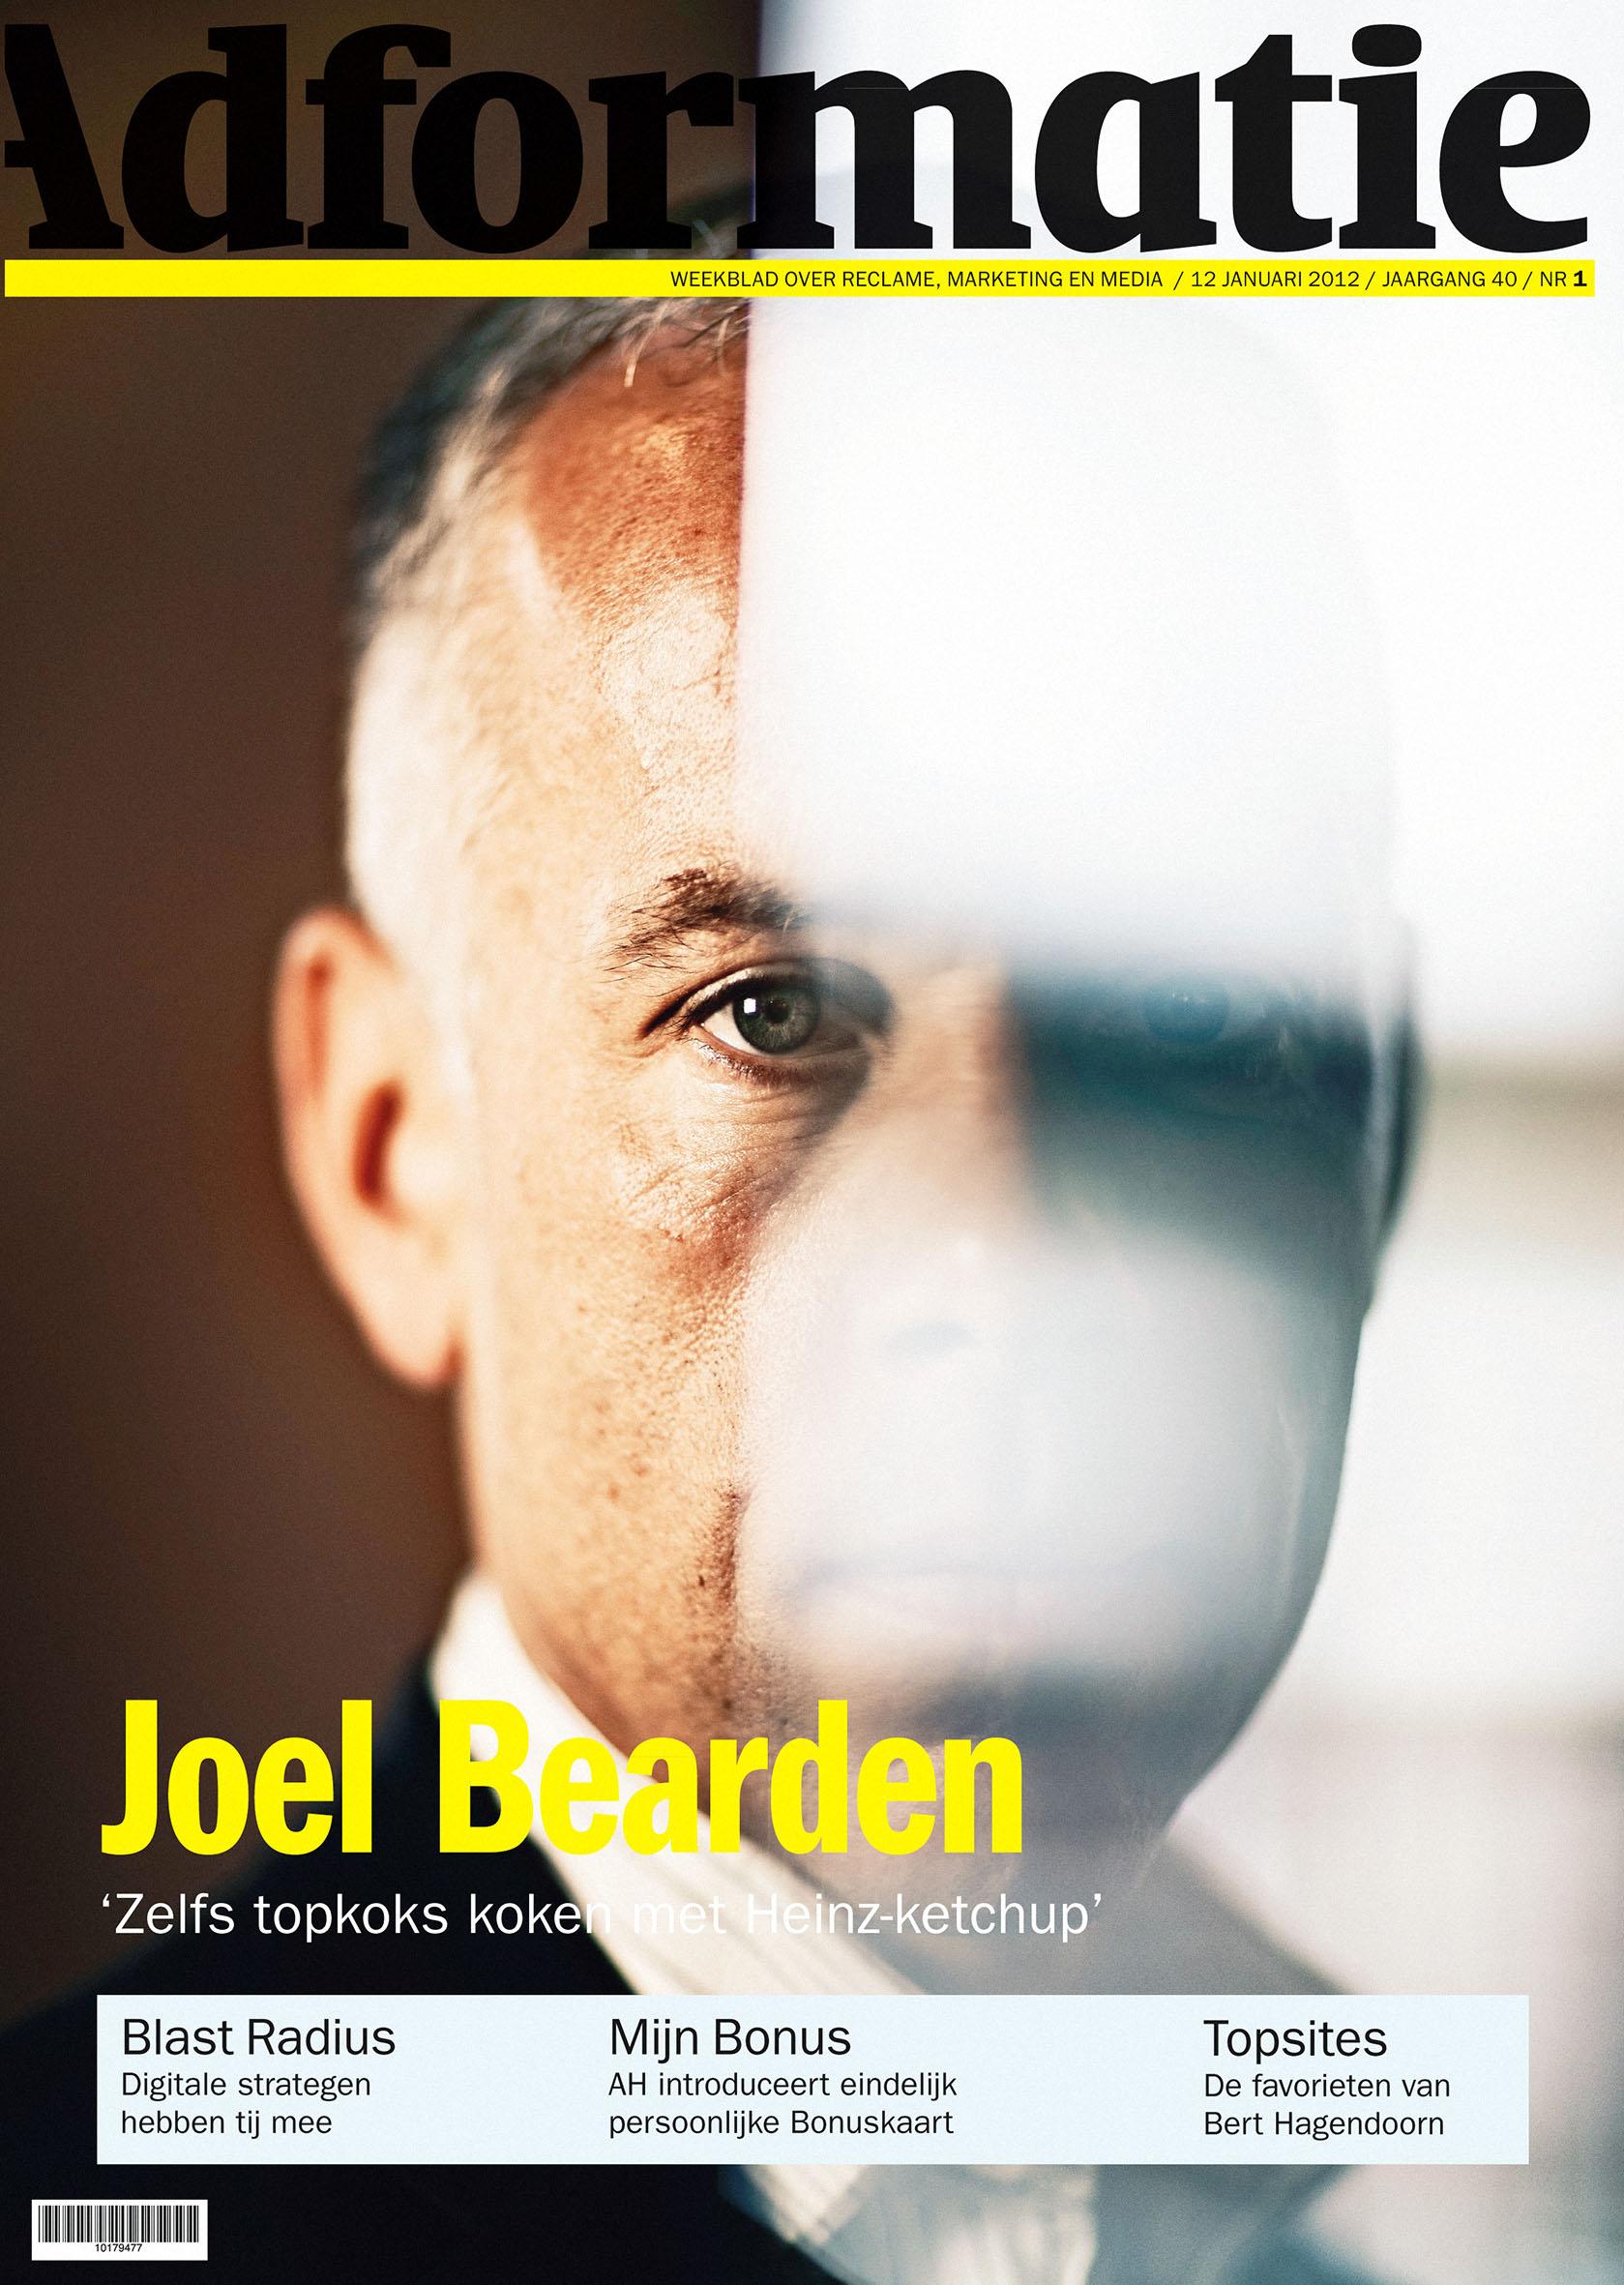 Adformatie - cover - Joel Bearden